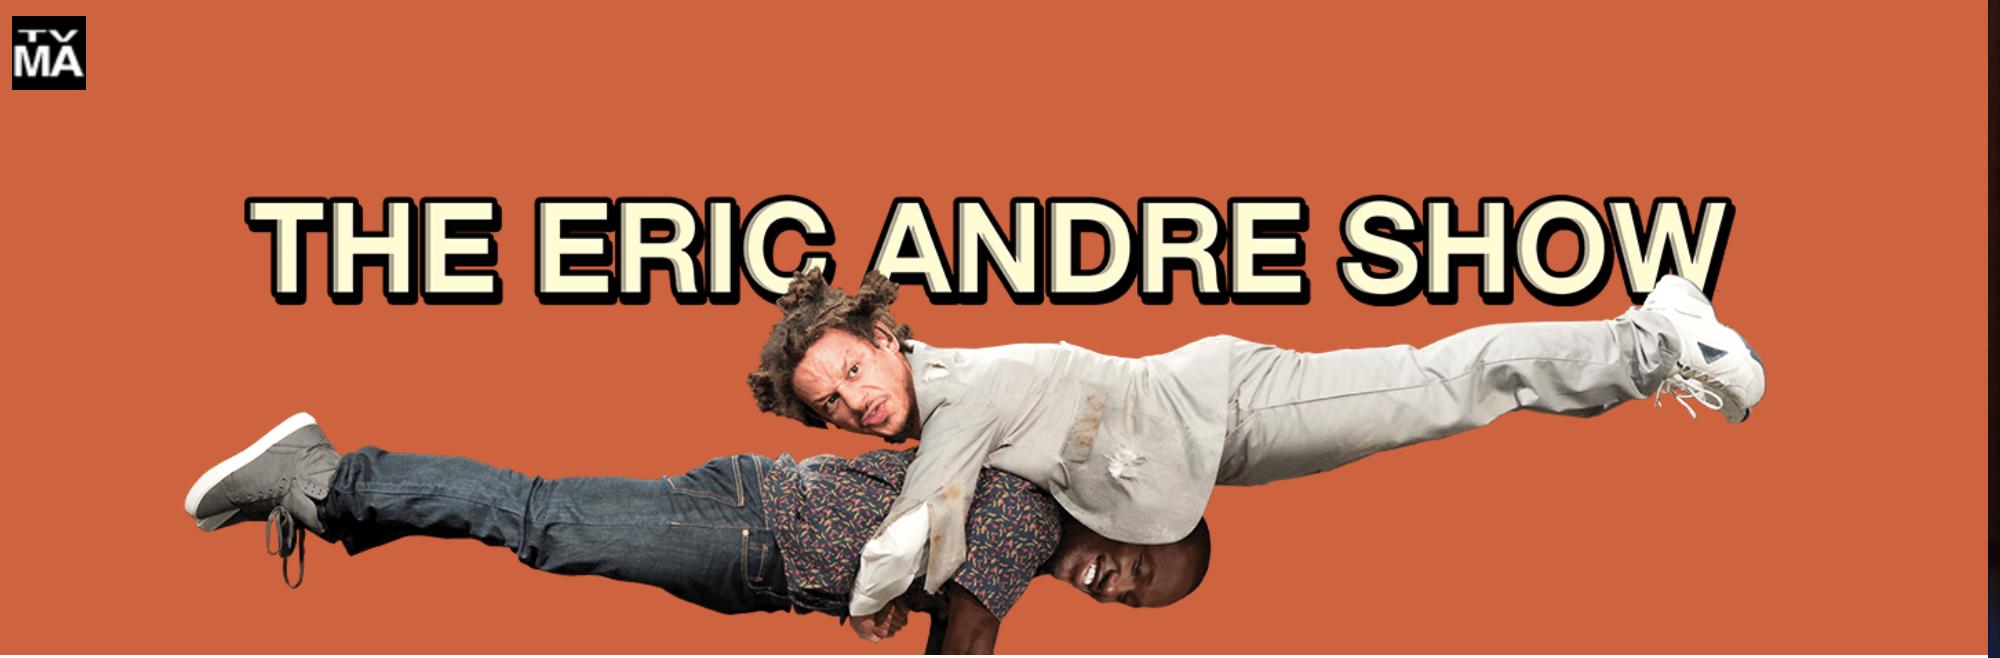 Eric Andre c/o: adultswim.com